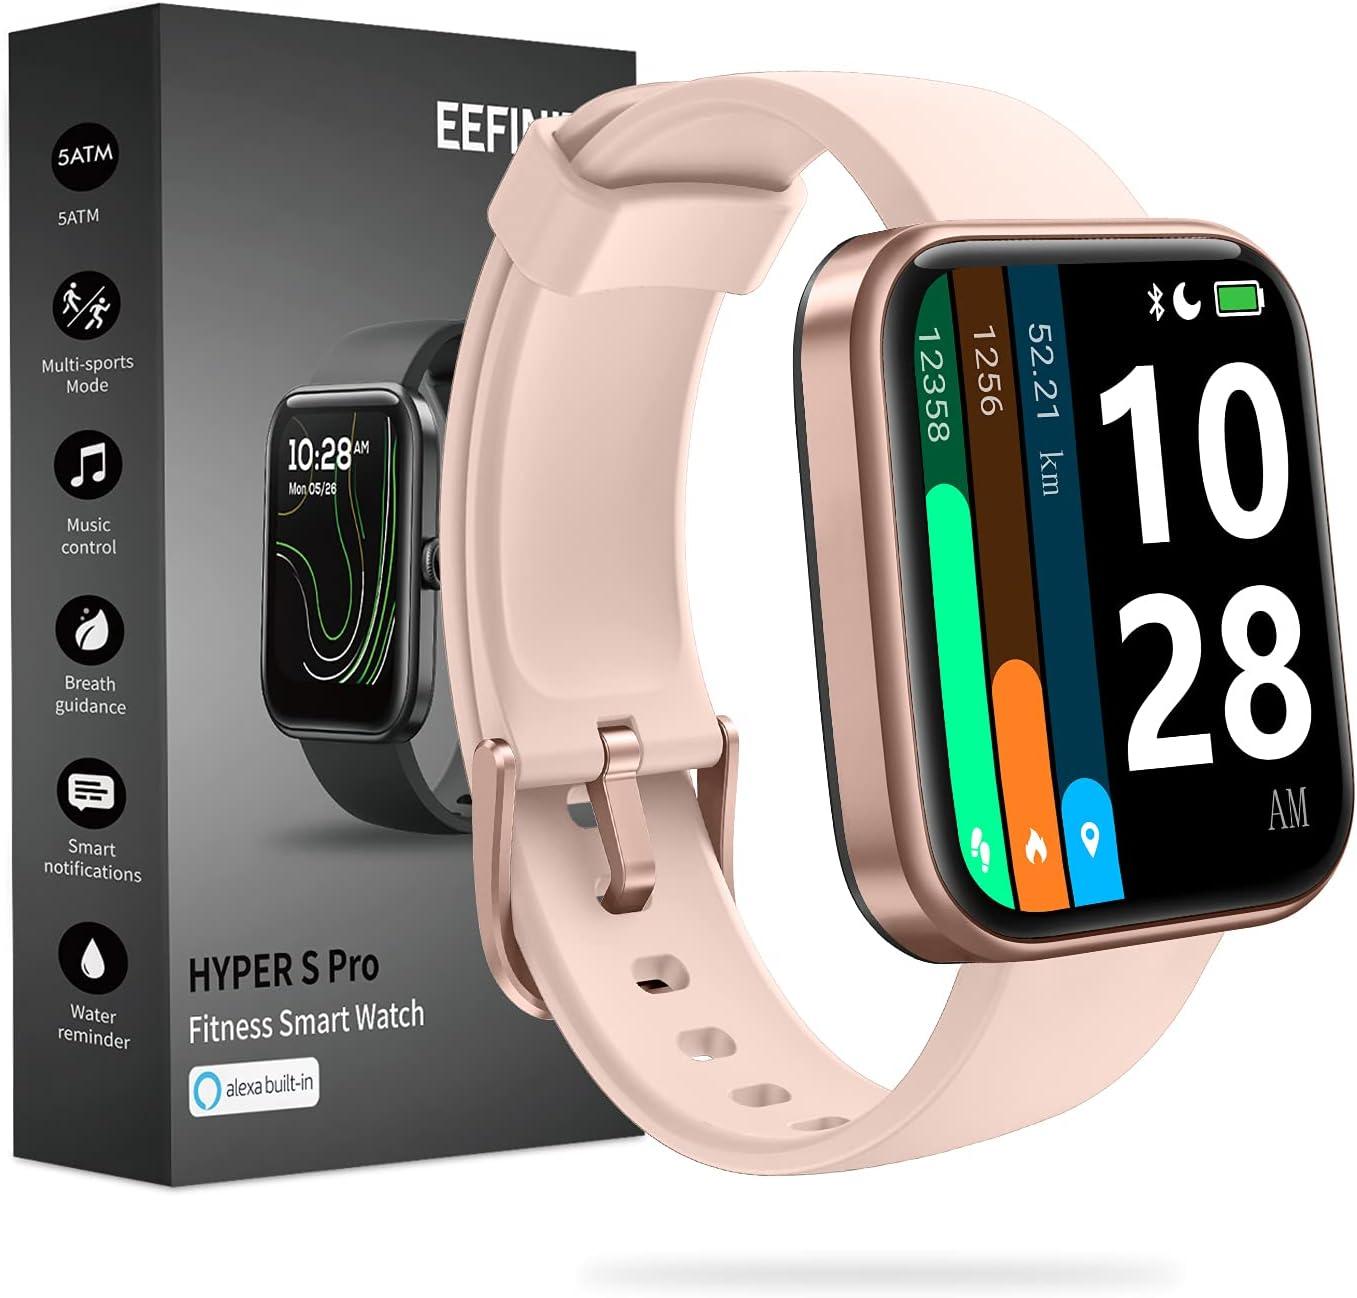 EEFINITE Smart Watch for Android iOS Phones, Alexa Built-in, 24/7 Heart Rate, Fitness Smartwatch with SpO2 Stress Sleep Measurement, 5ATM Waterproof Swim Tracker Watch for Women Men, Pink